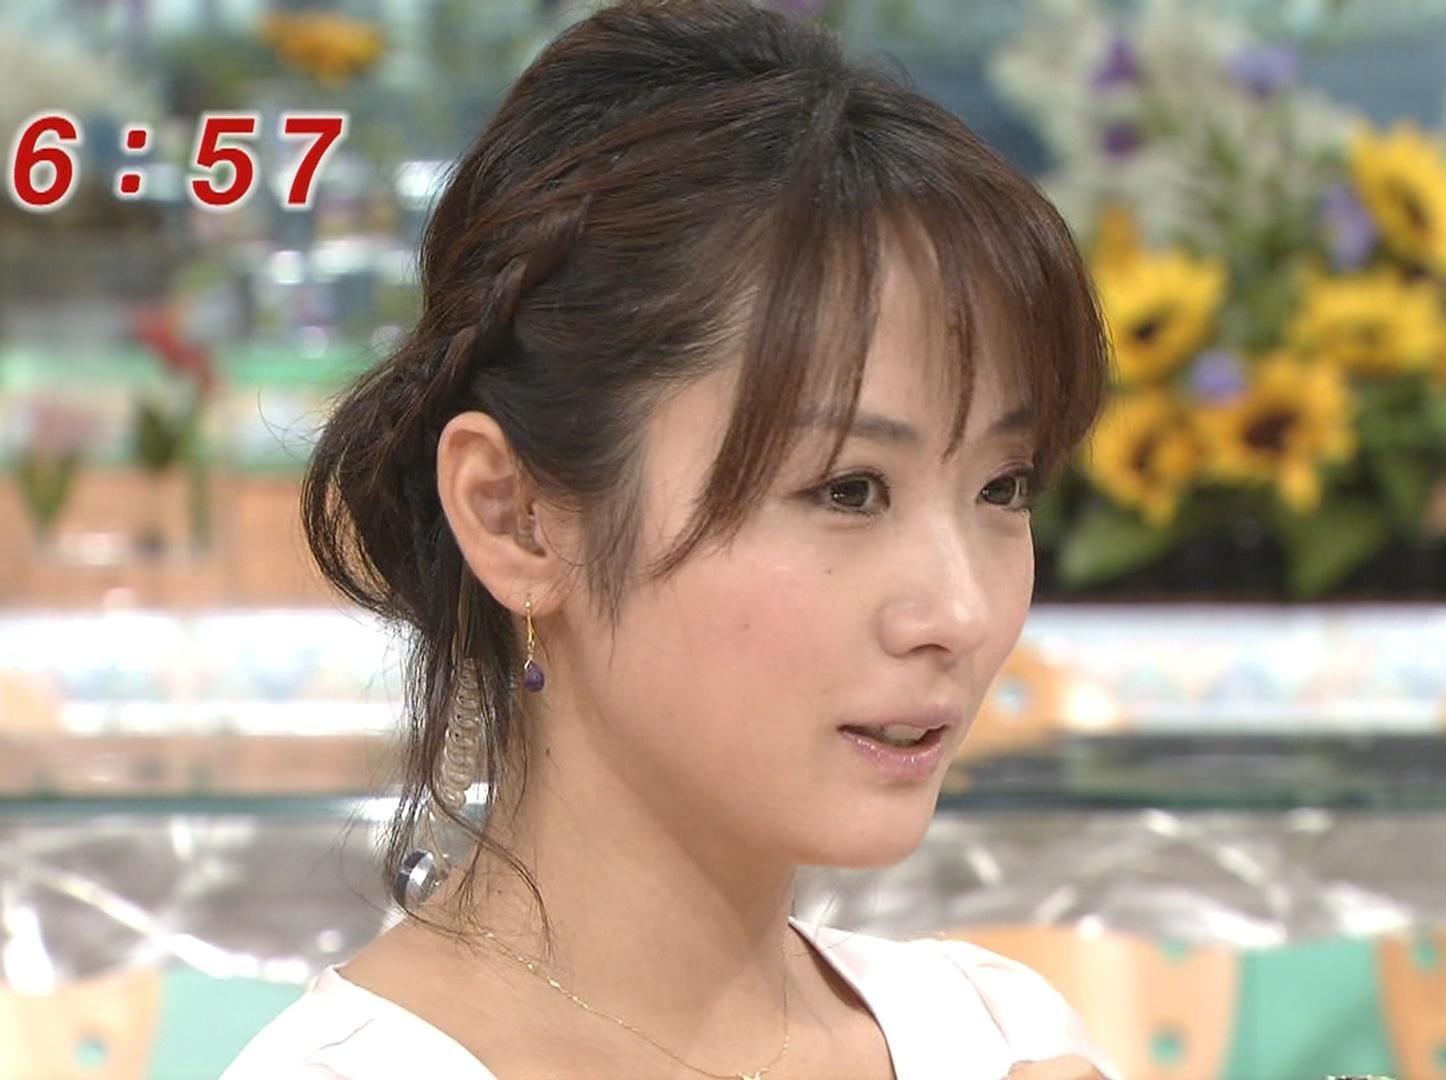 めざましテレビ3人娘のどアップ画像 (高解像度)キャプ画像(エロ・アイコラ画像)